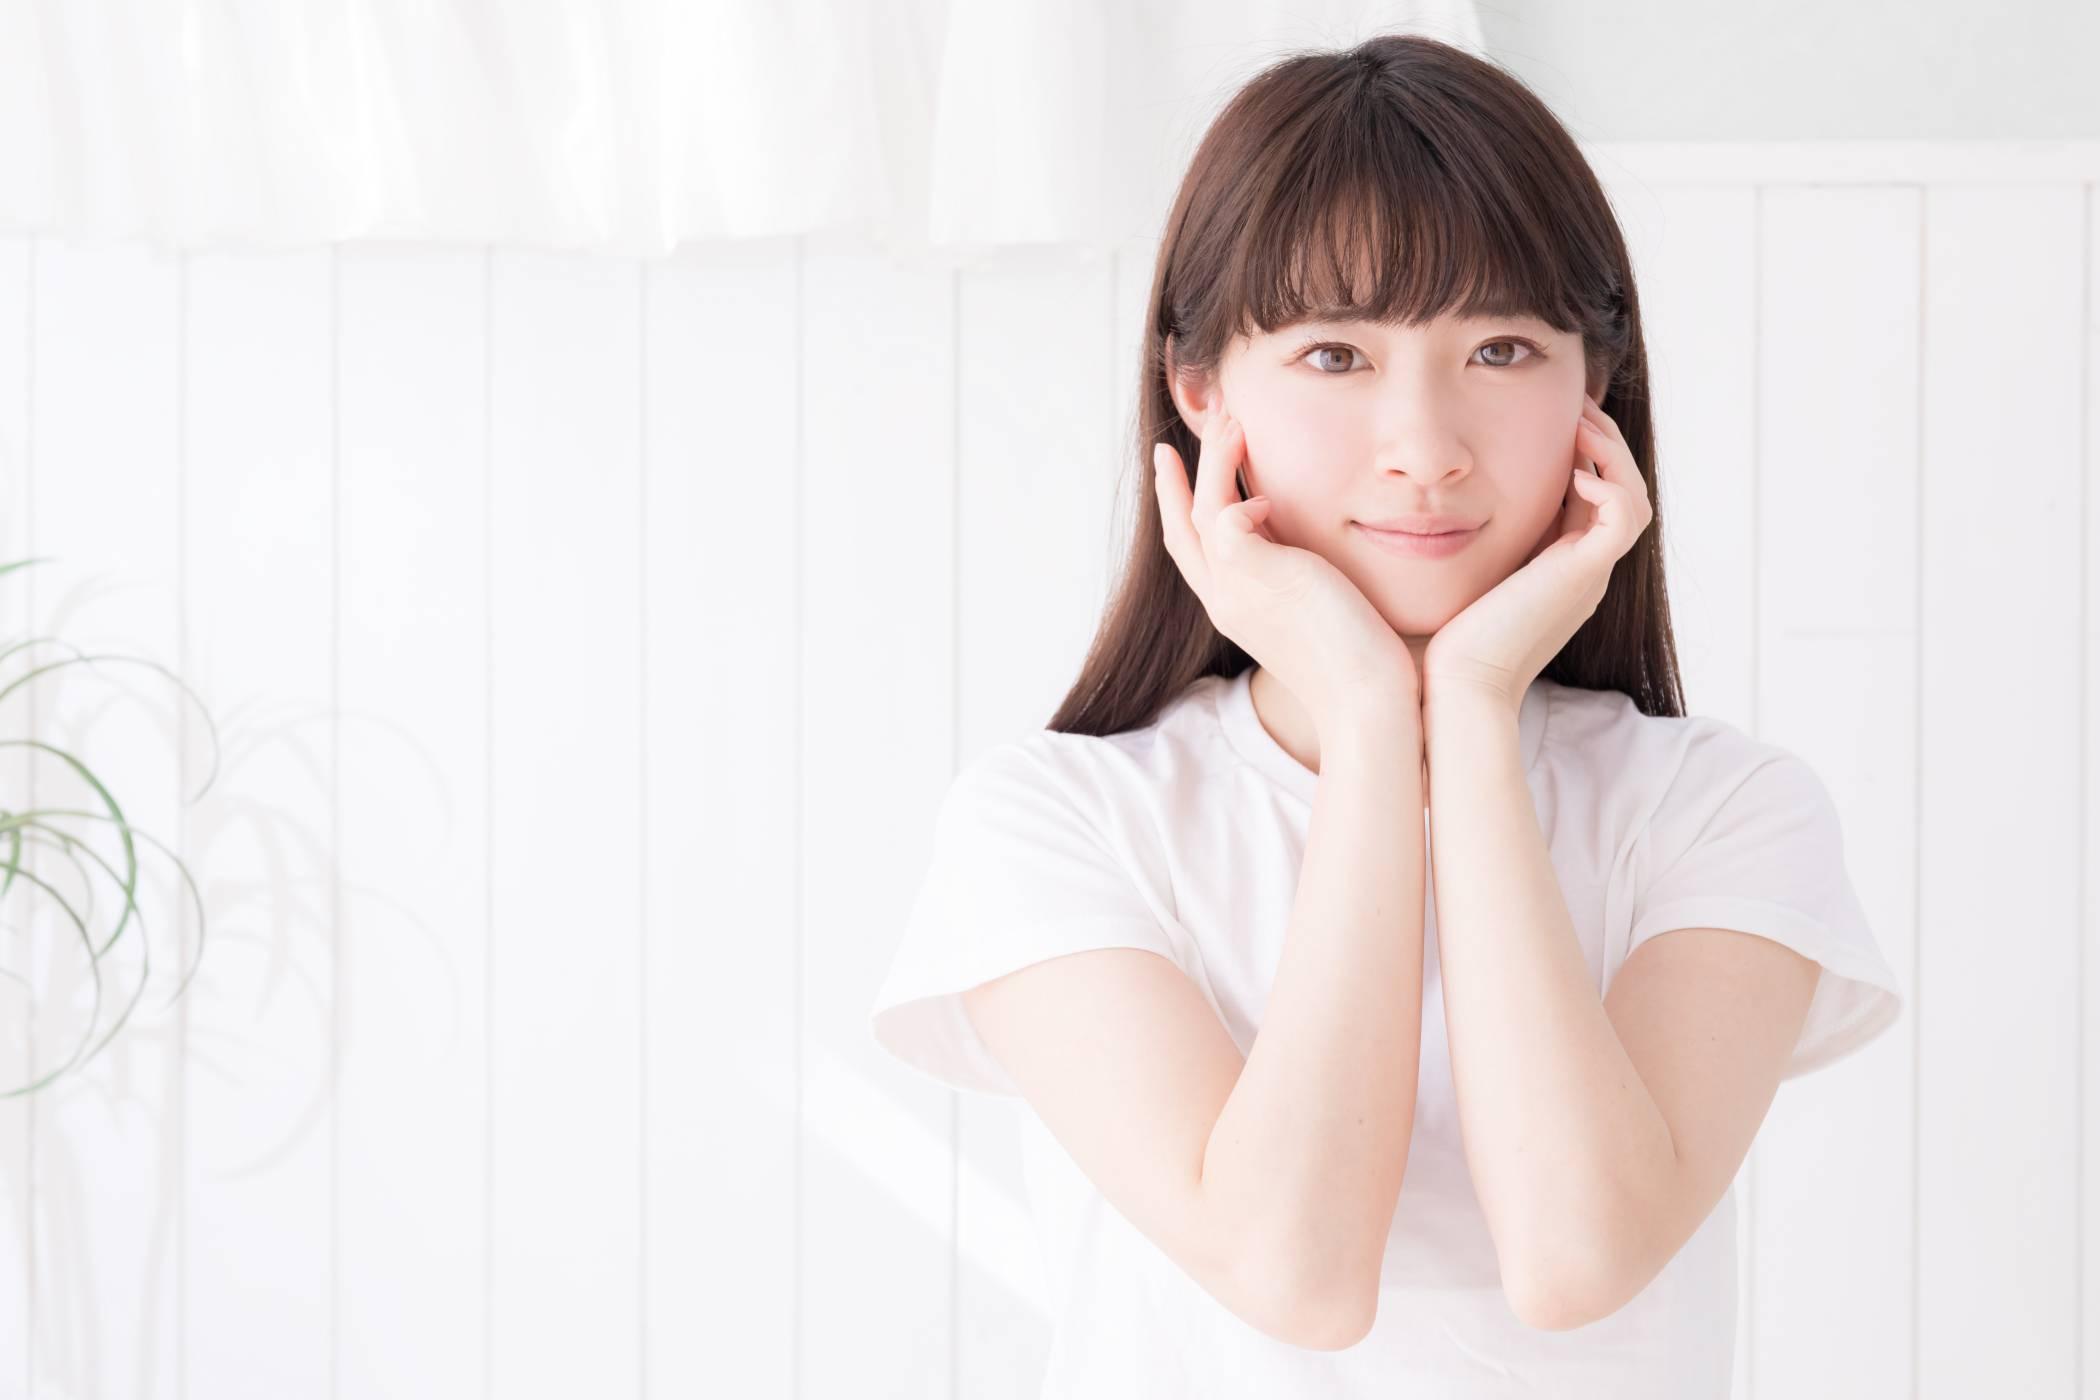 95%の歯垢除去効果を発揮!歯間ブラシの使い方の手順5つ